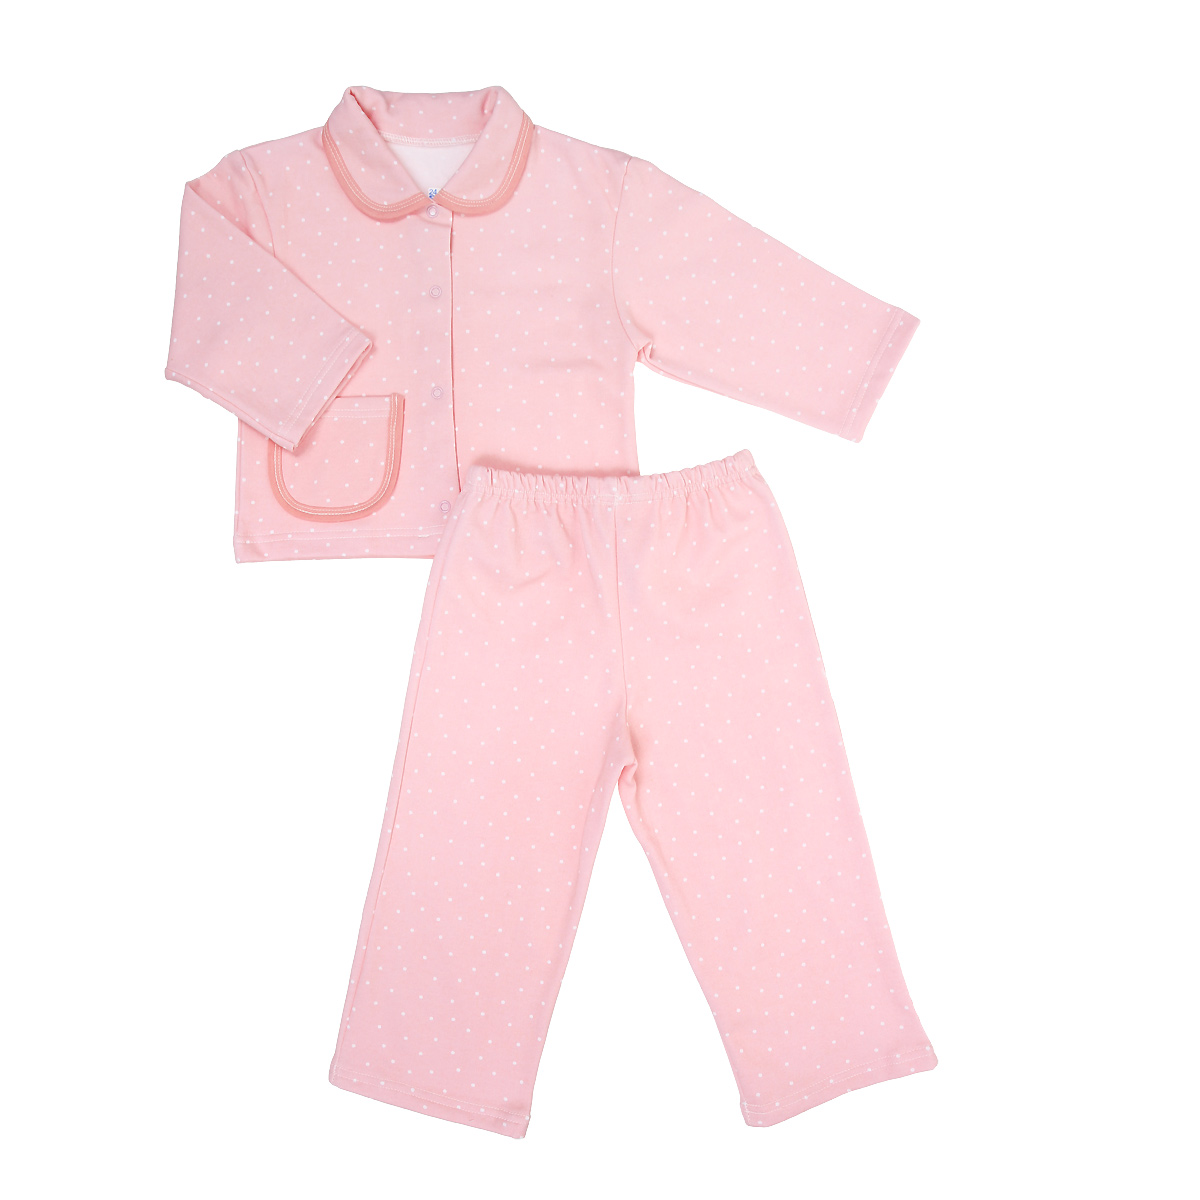 Пижама детская Трон-плюс, цвет: розовый, белый, рисунок горох. 5552. Размер 110/116, 4-8 лет автокресло крошка я я люблю путешествовать red grey 517437